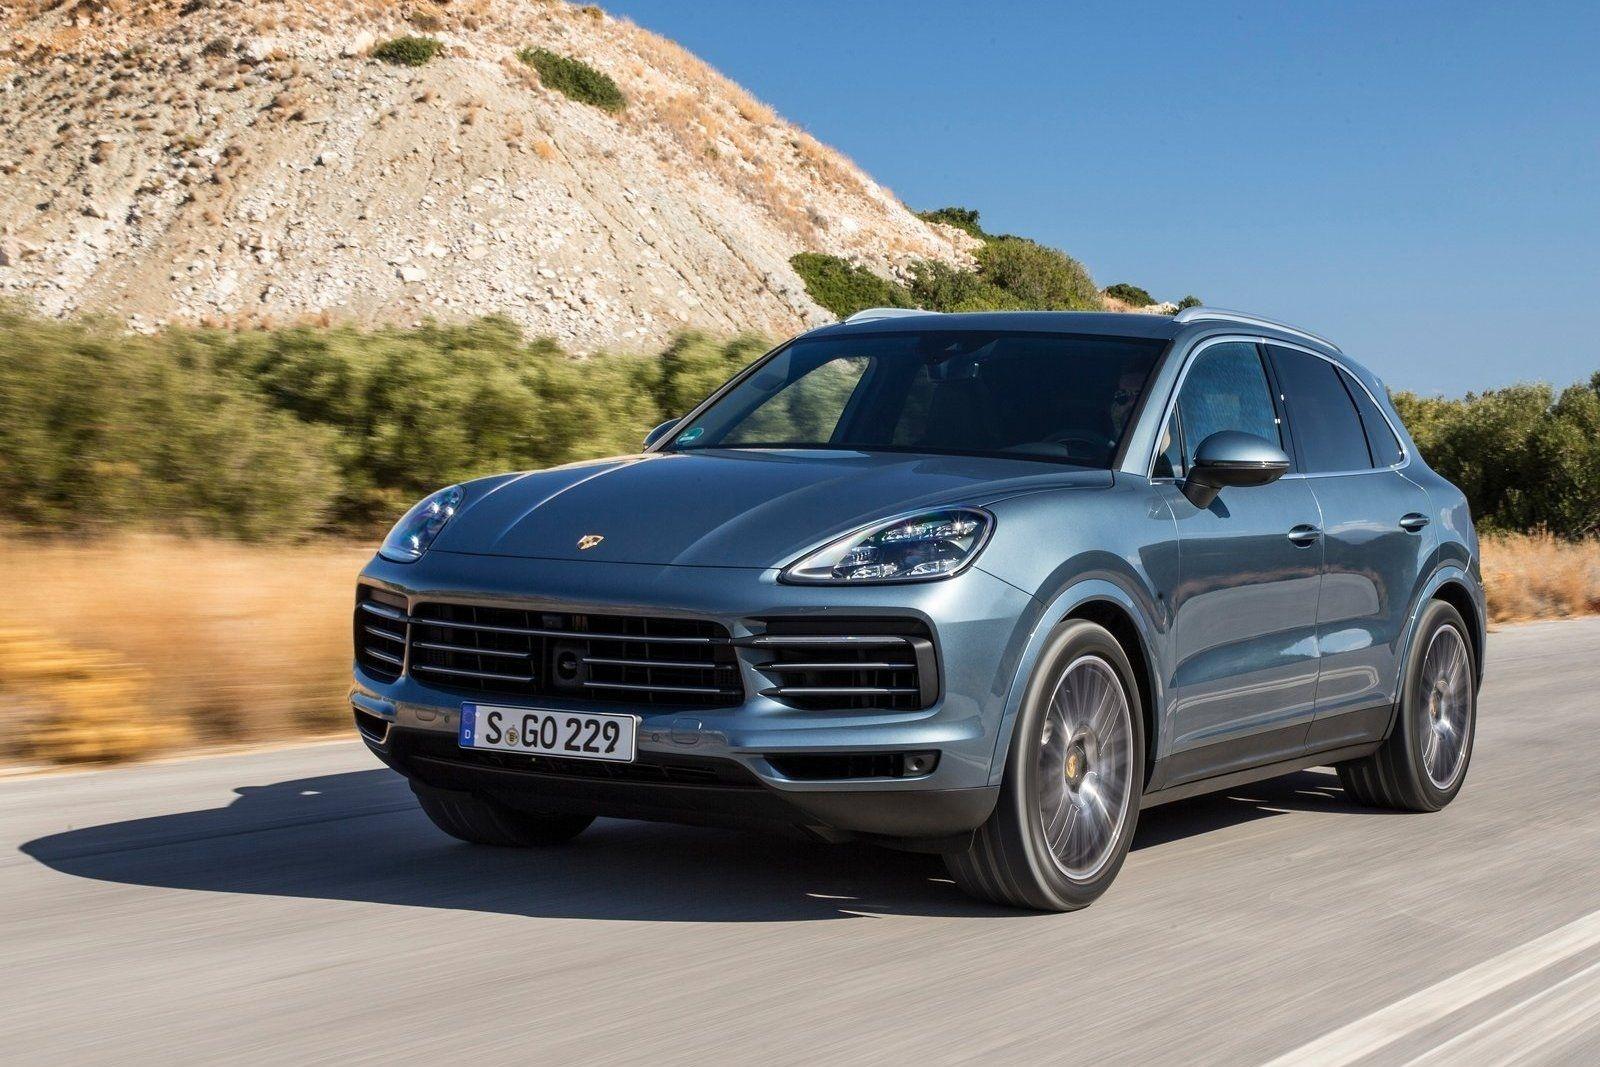 Porsche обязали выкупить у владельца дизельный Cayenne 1